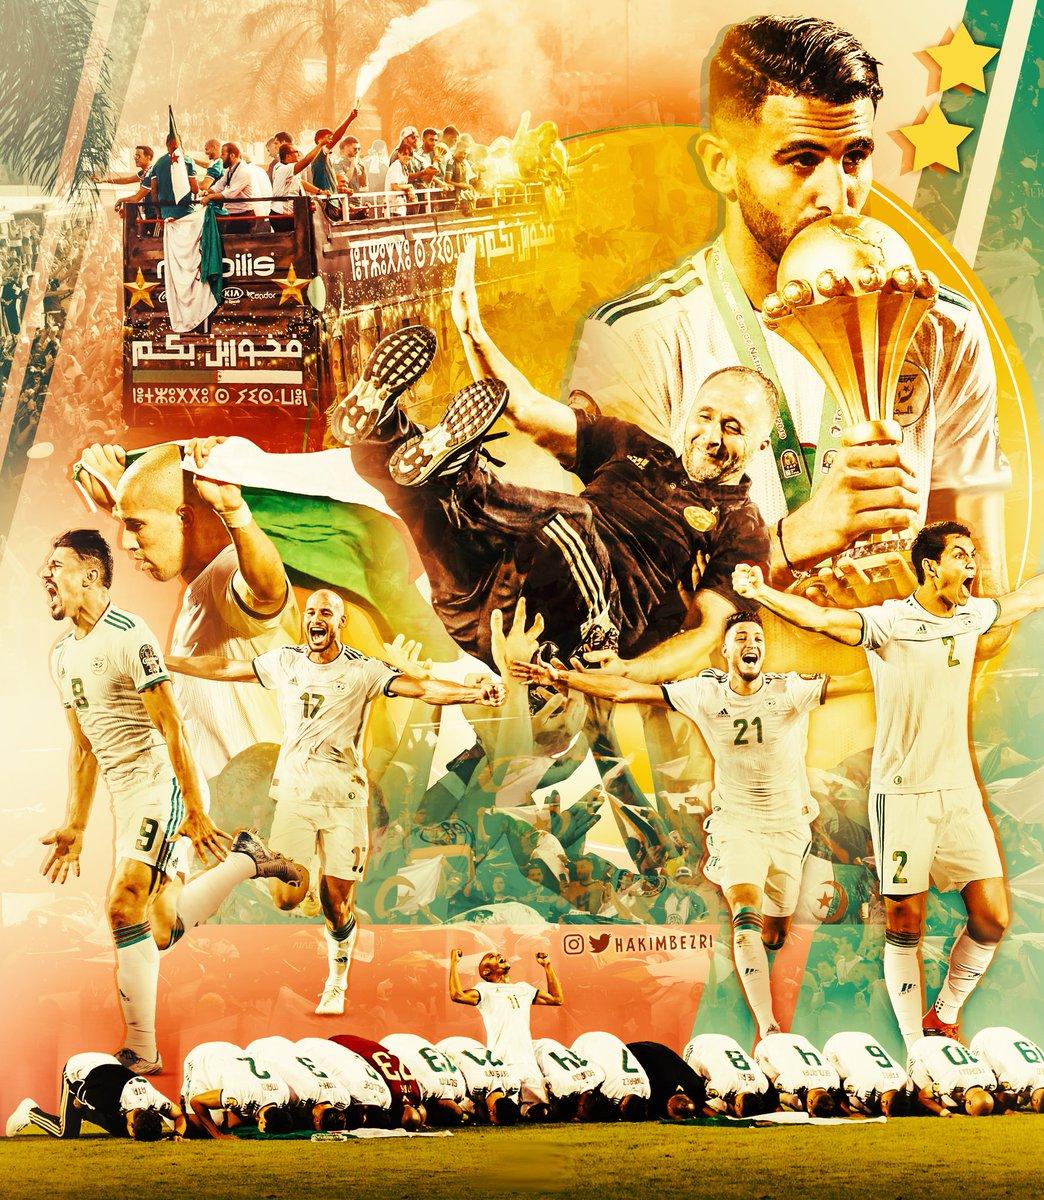 Unforgettable Moments   #Algerie #TeamDZ #Champions #123VivaLAlgerie #LesVerts #LesFennecs #LesZhommes<br>http://pic.twitter.com/no9HqxpBJ6